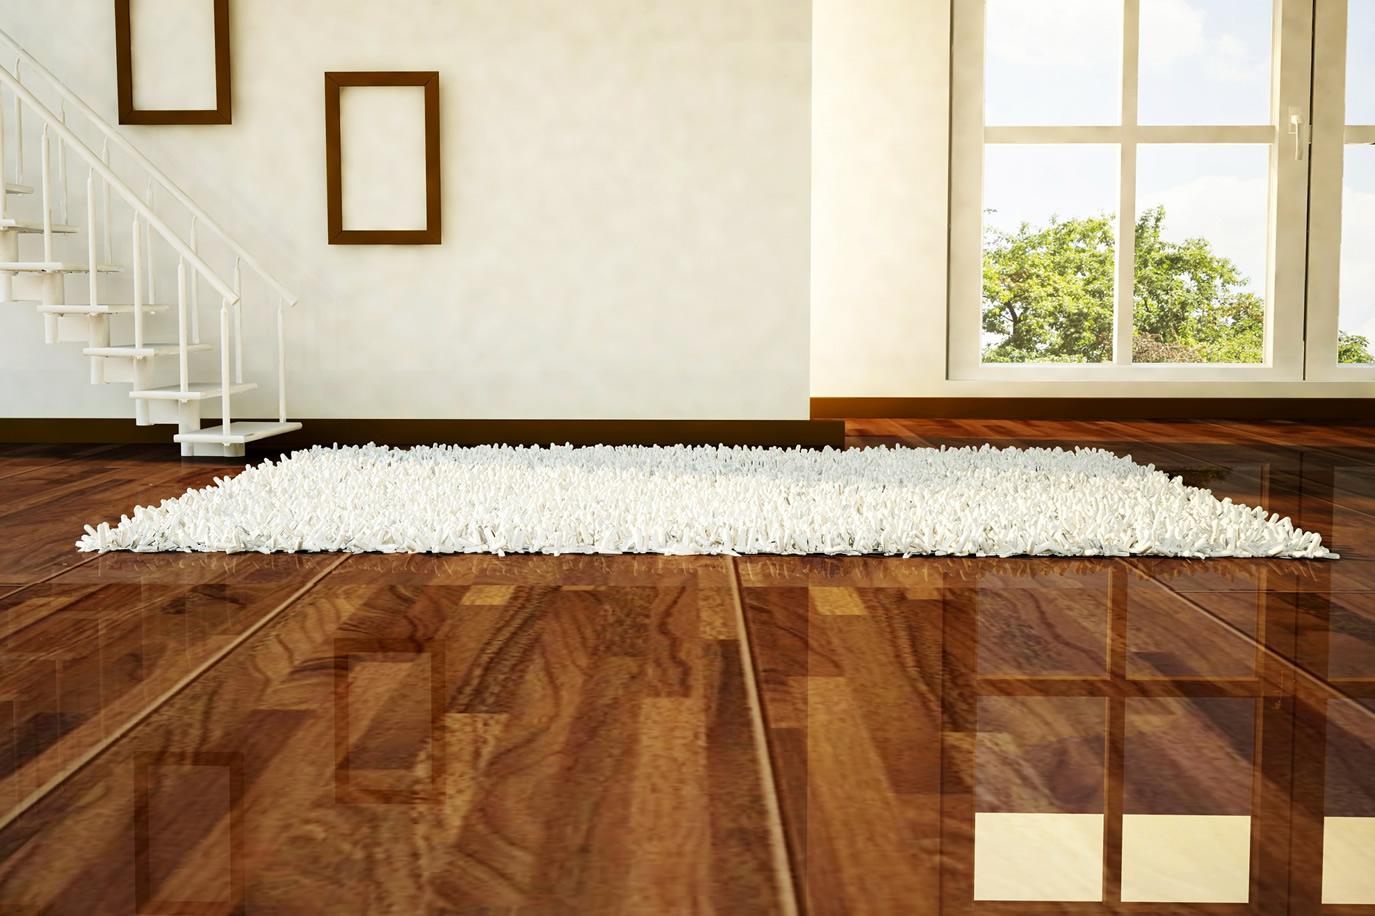 Čišćenje i održavanje drvenih podova i tepiha